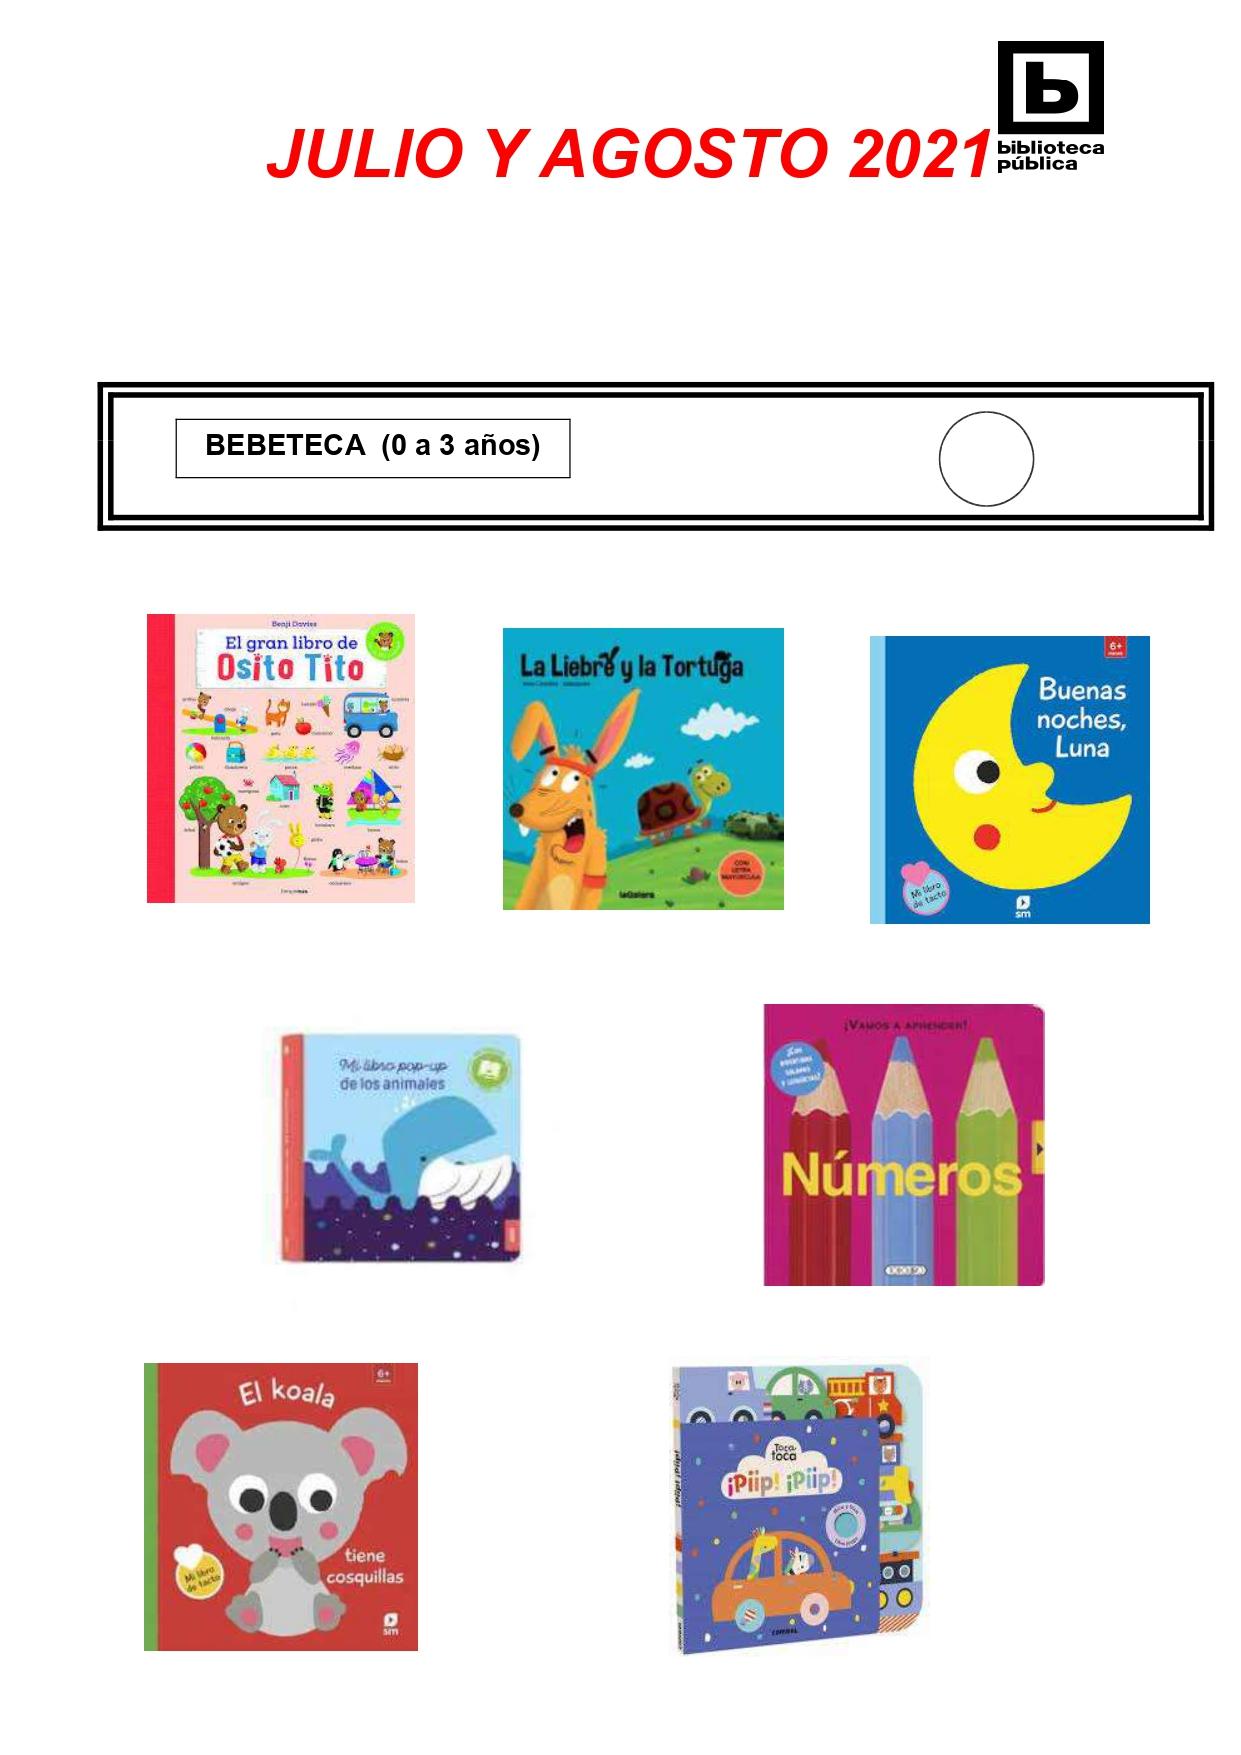 NOVEDADES INFANTILES / JUVENILES JULIO Y AGOSTO 2021